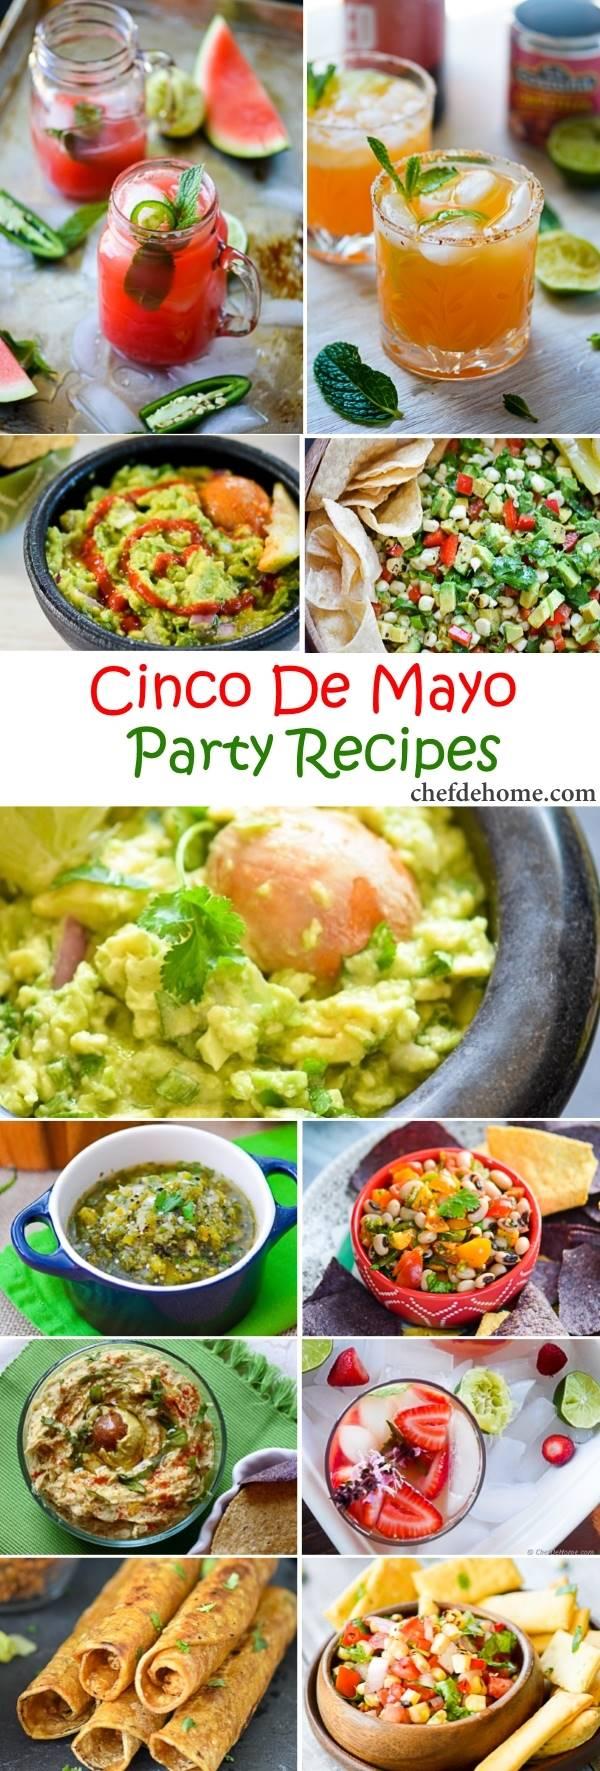 Easy mexican fiesta cinco de mayo party recipes meals easy mexican fiesta cinco de mayo party recipes forumfinder Choice Image